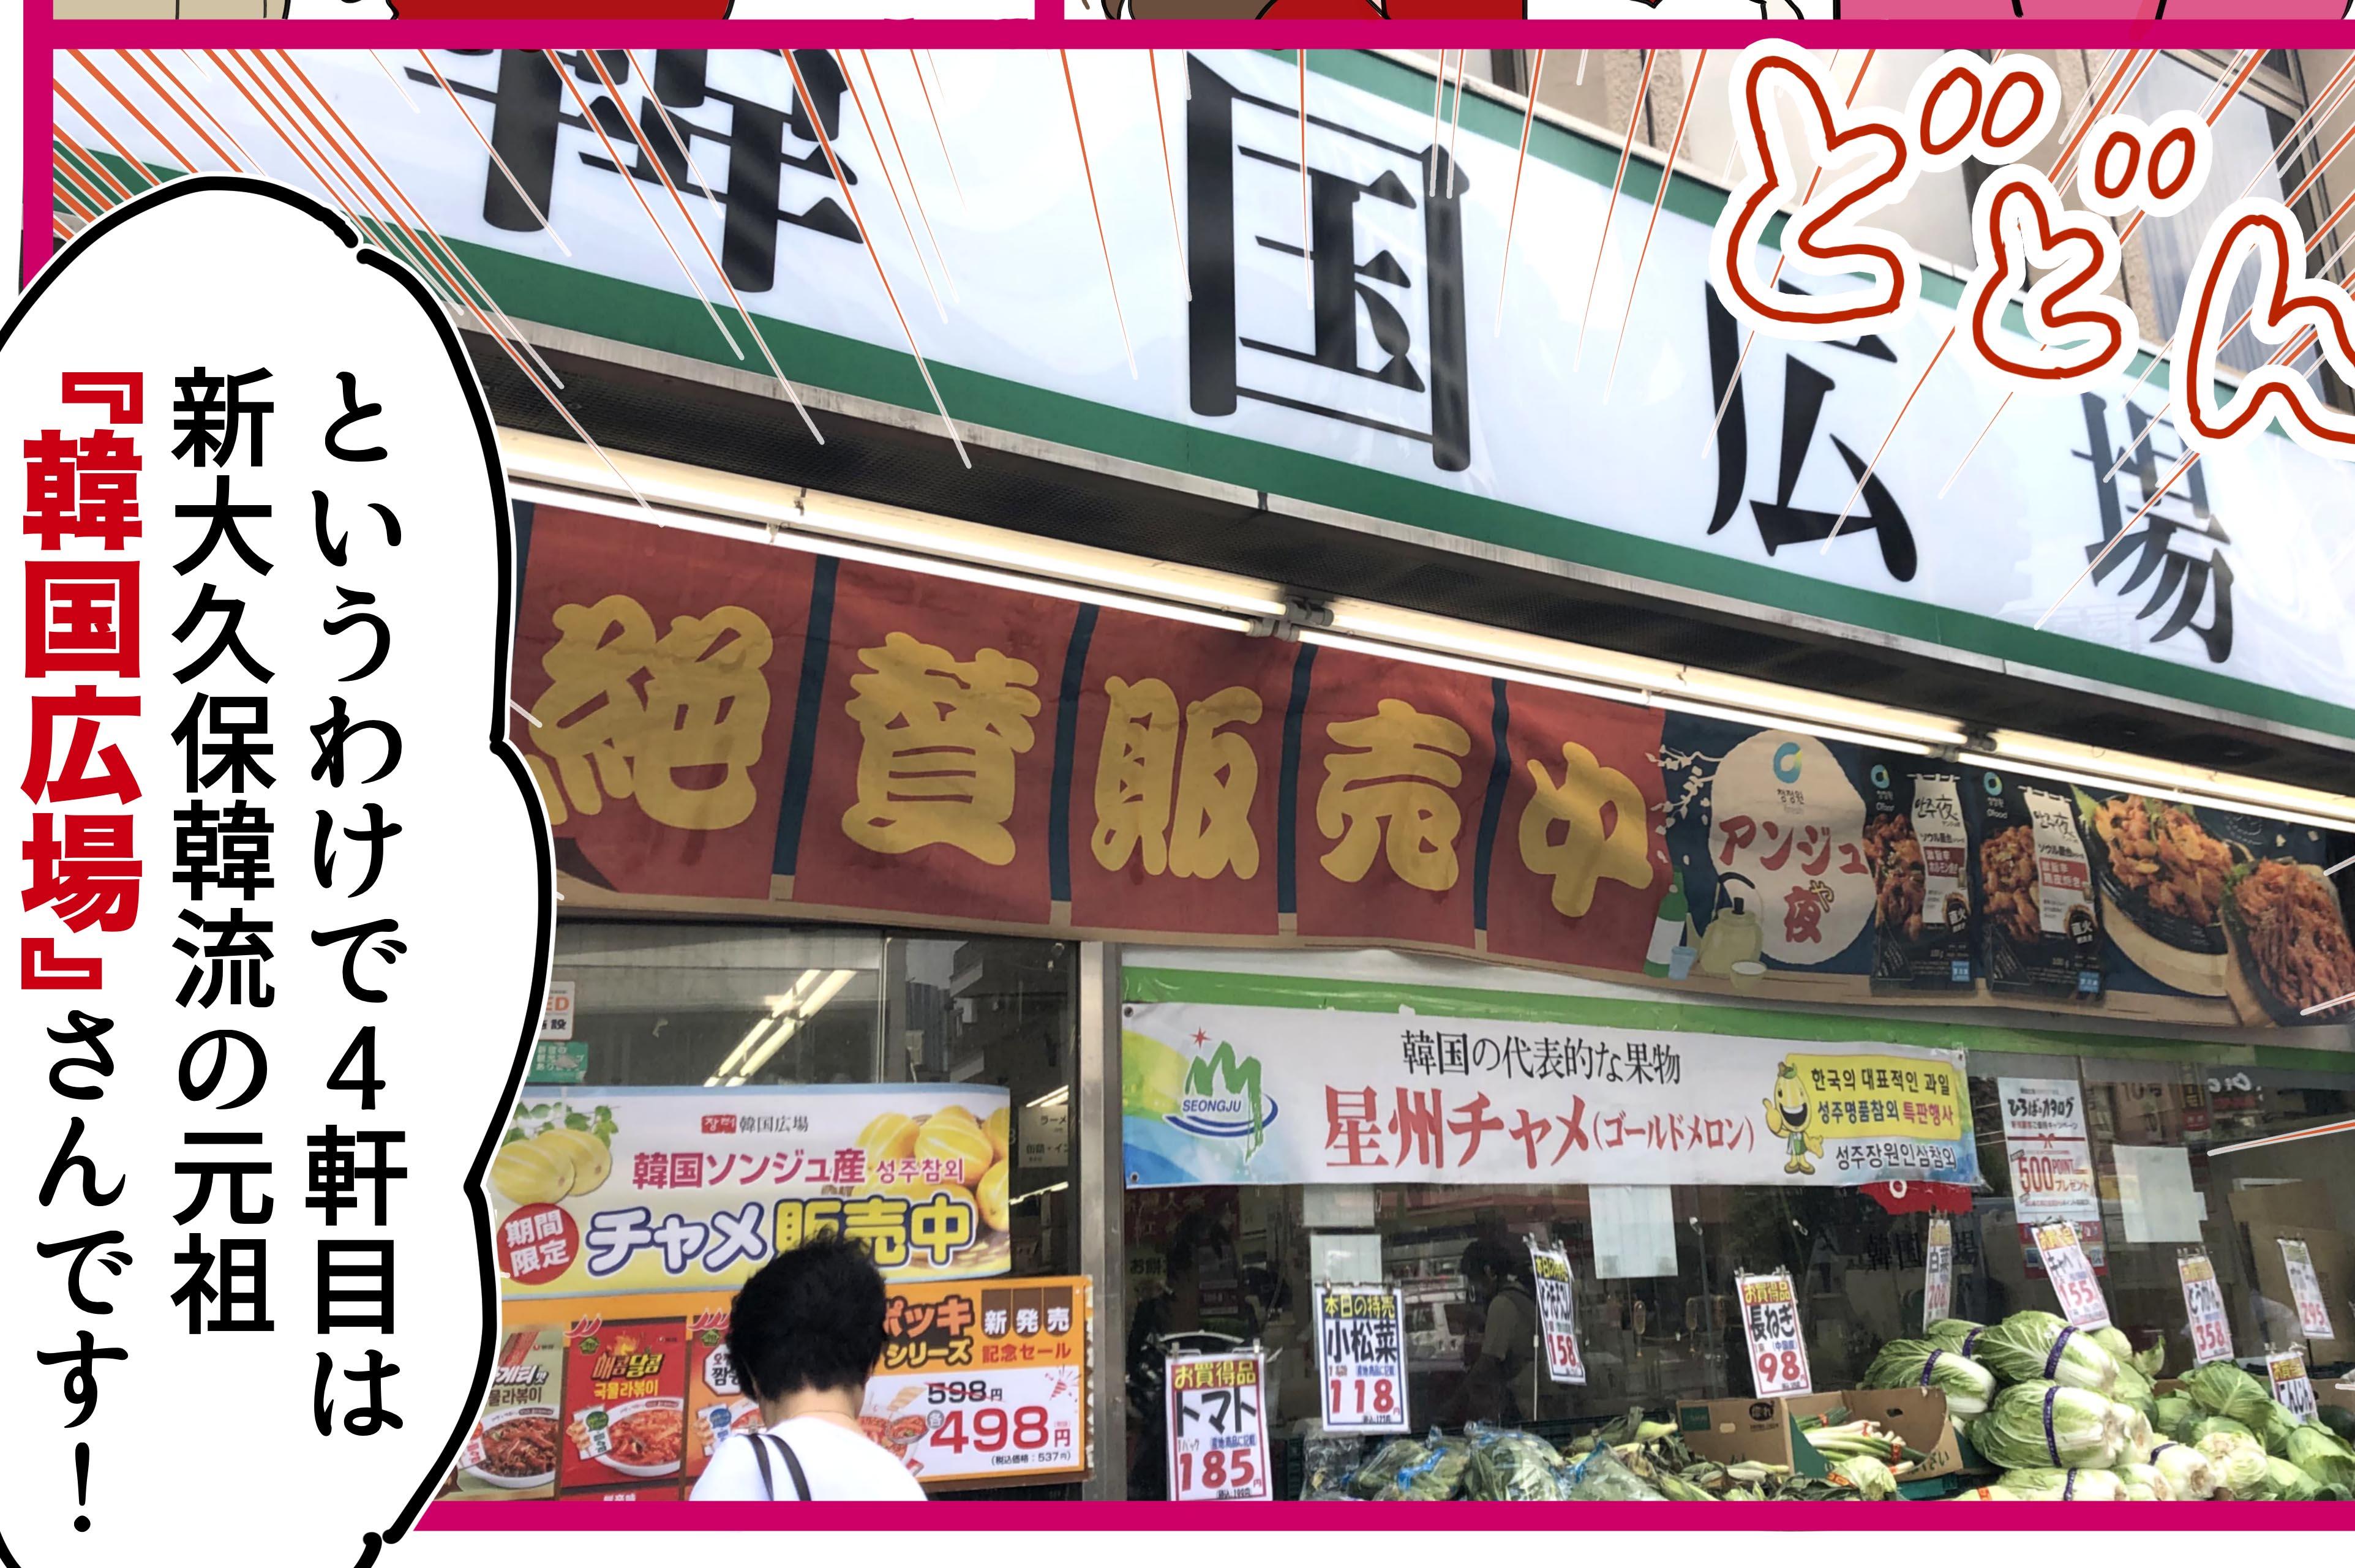 【漫画】5000円でが~るずうぉーかーvol.4「韓国スーパーの人気商品BEST3」